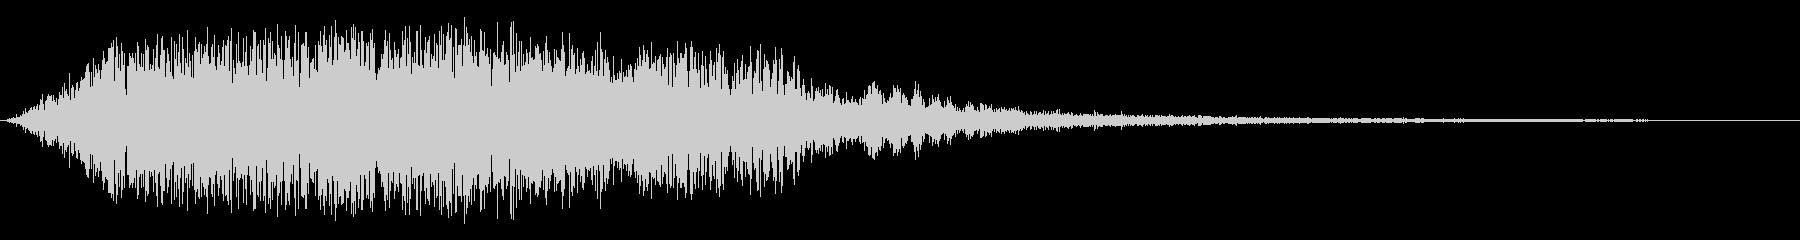 ビュビューン(魔法にかけられたような音)の未再生の波形